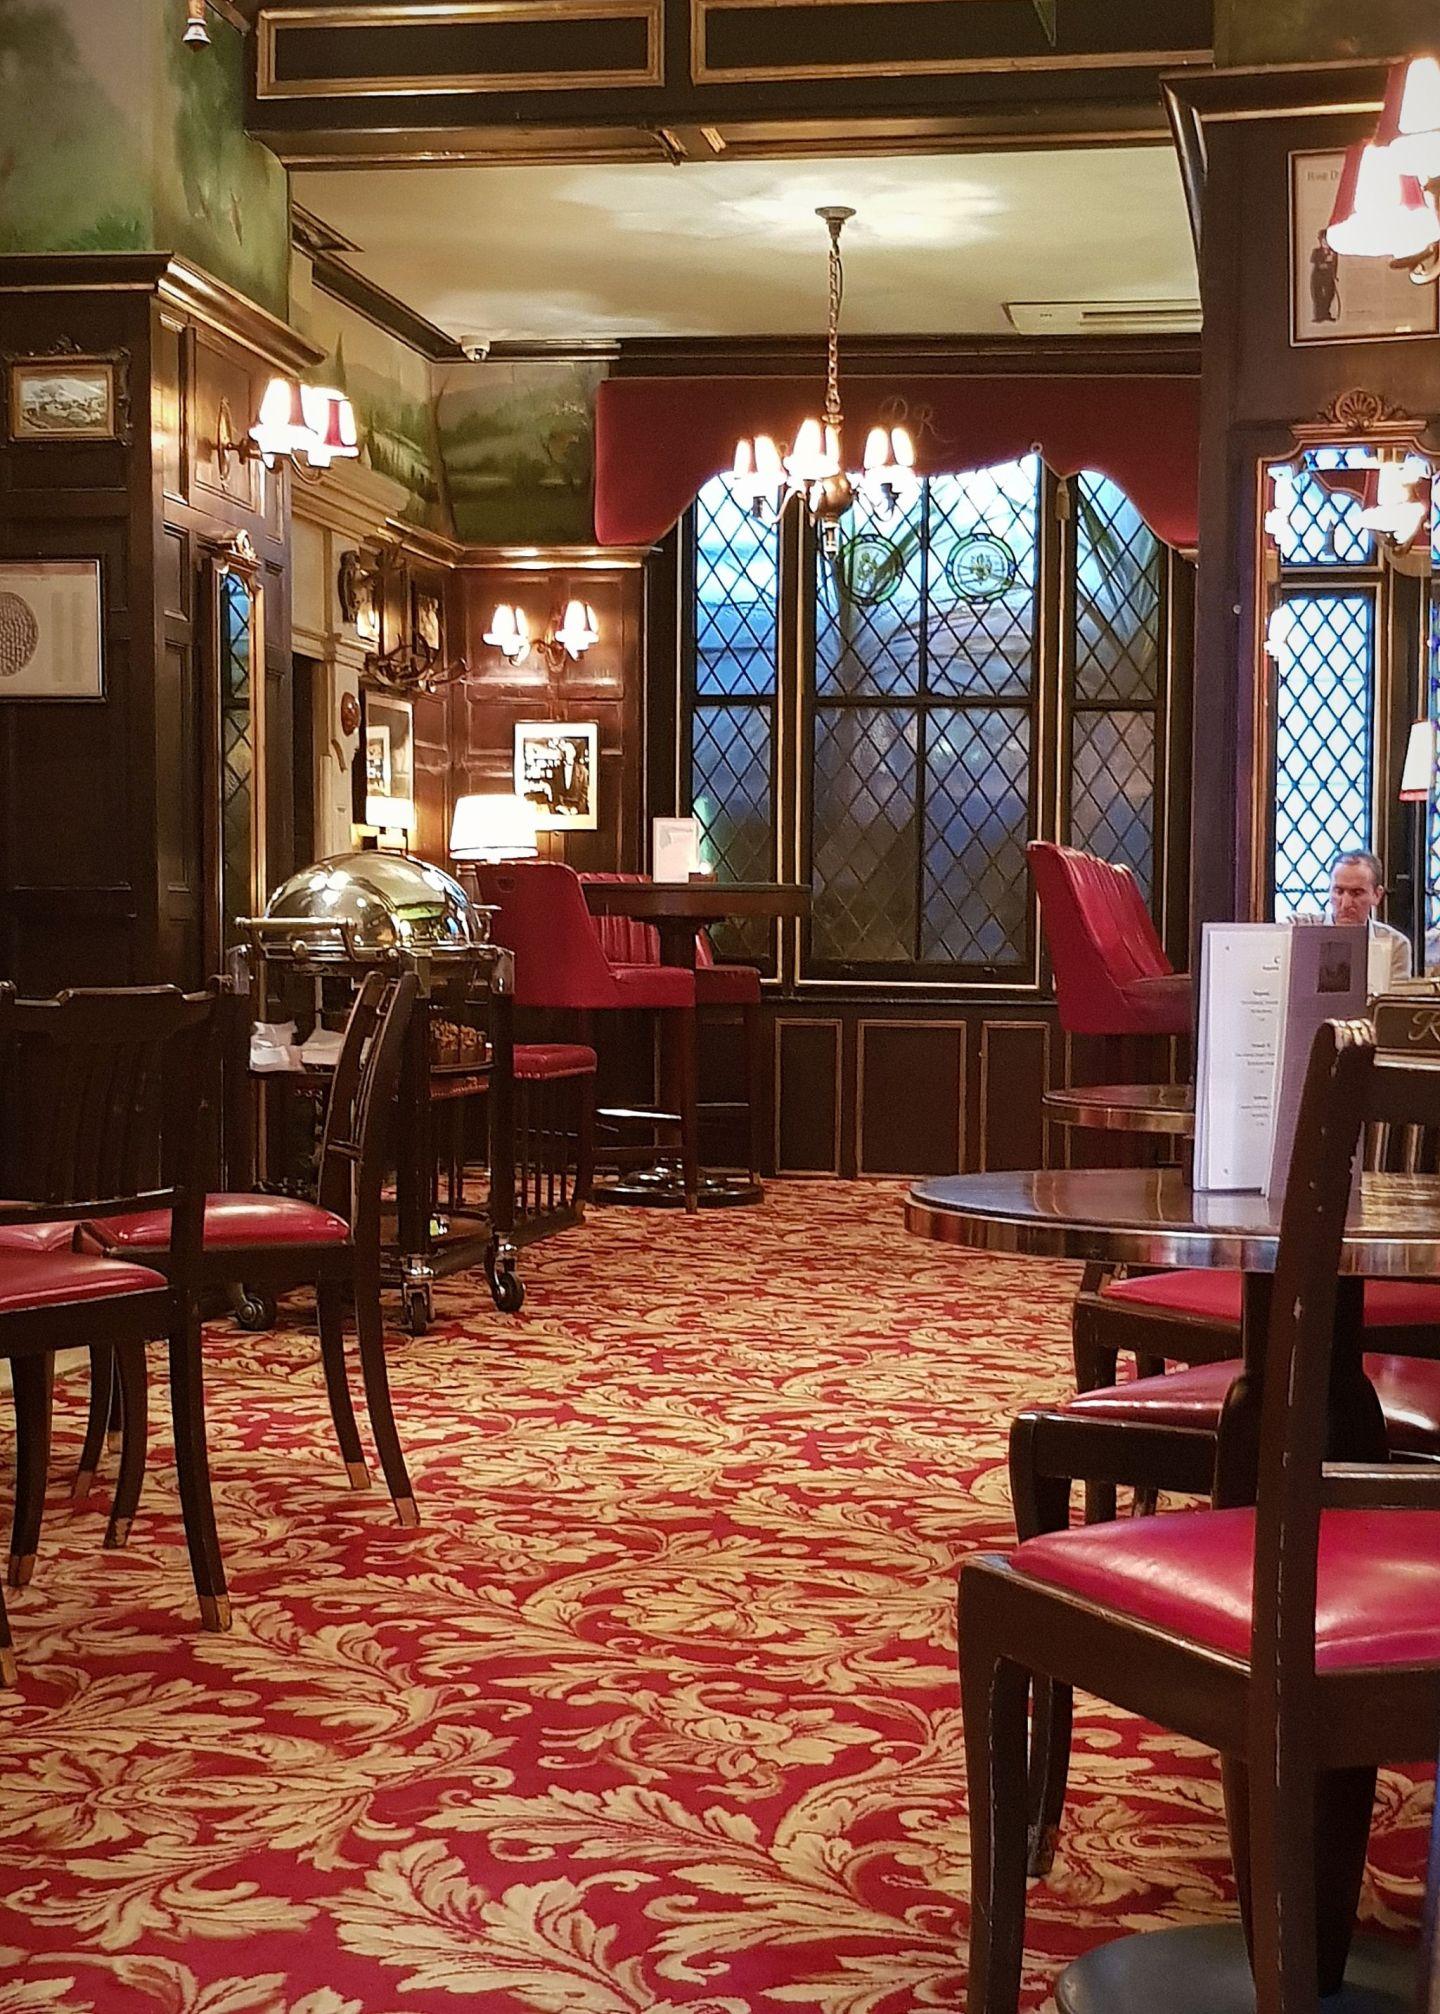 Rules Restaurant London upstairs bar is a hidden gem